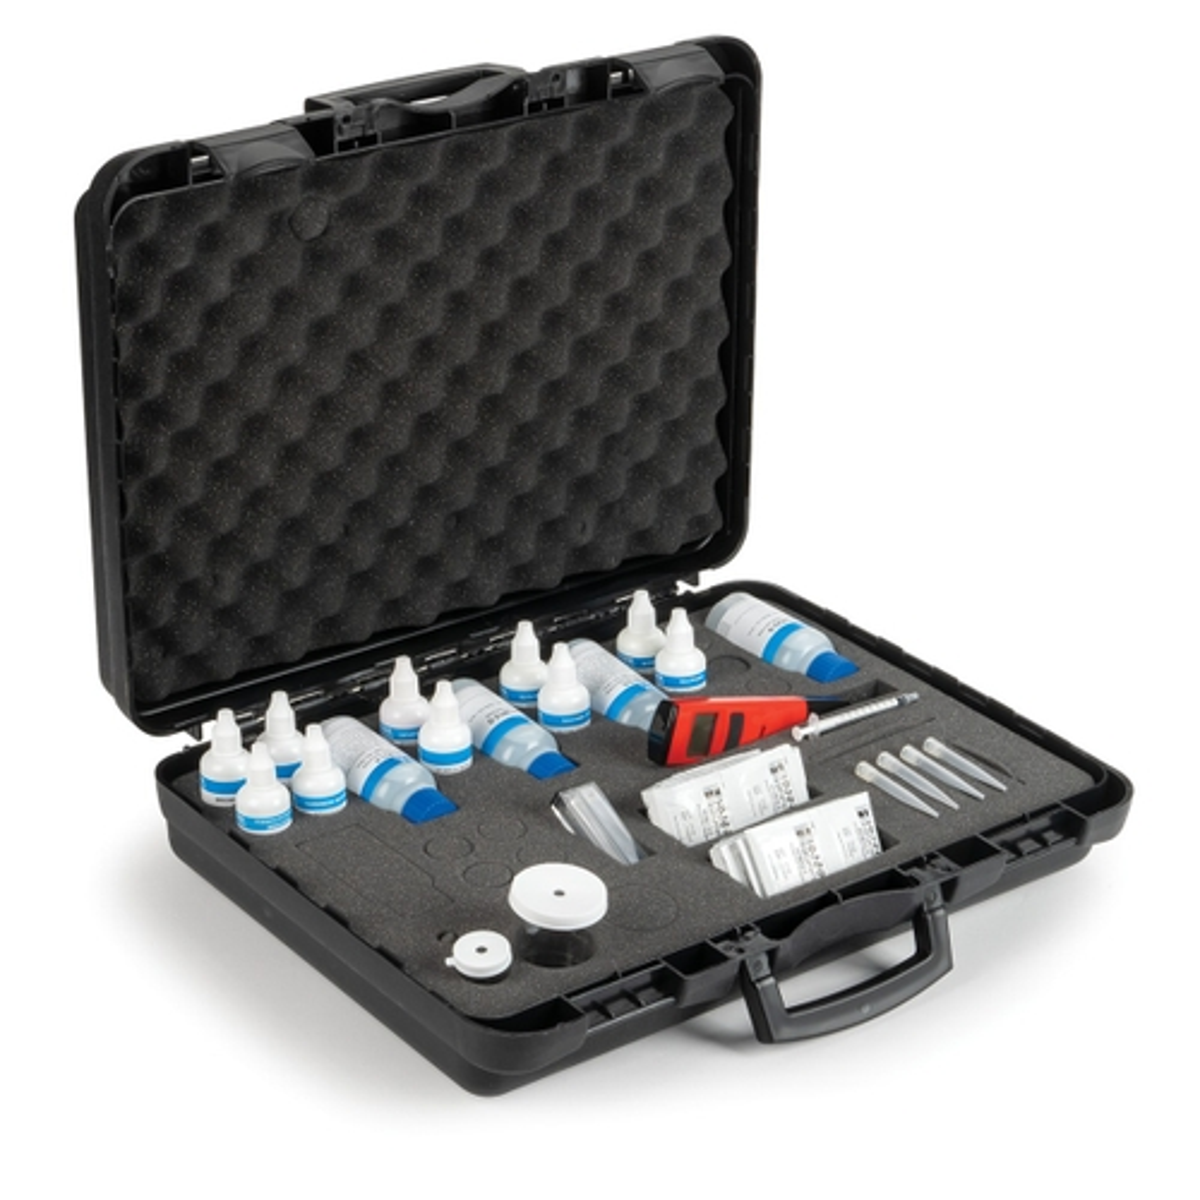 Kit Químico de Pruebas para Calderas y Agua de Alimentación - HI3827